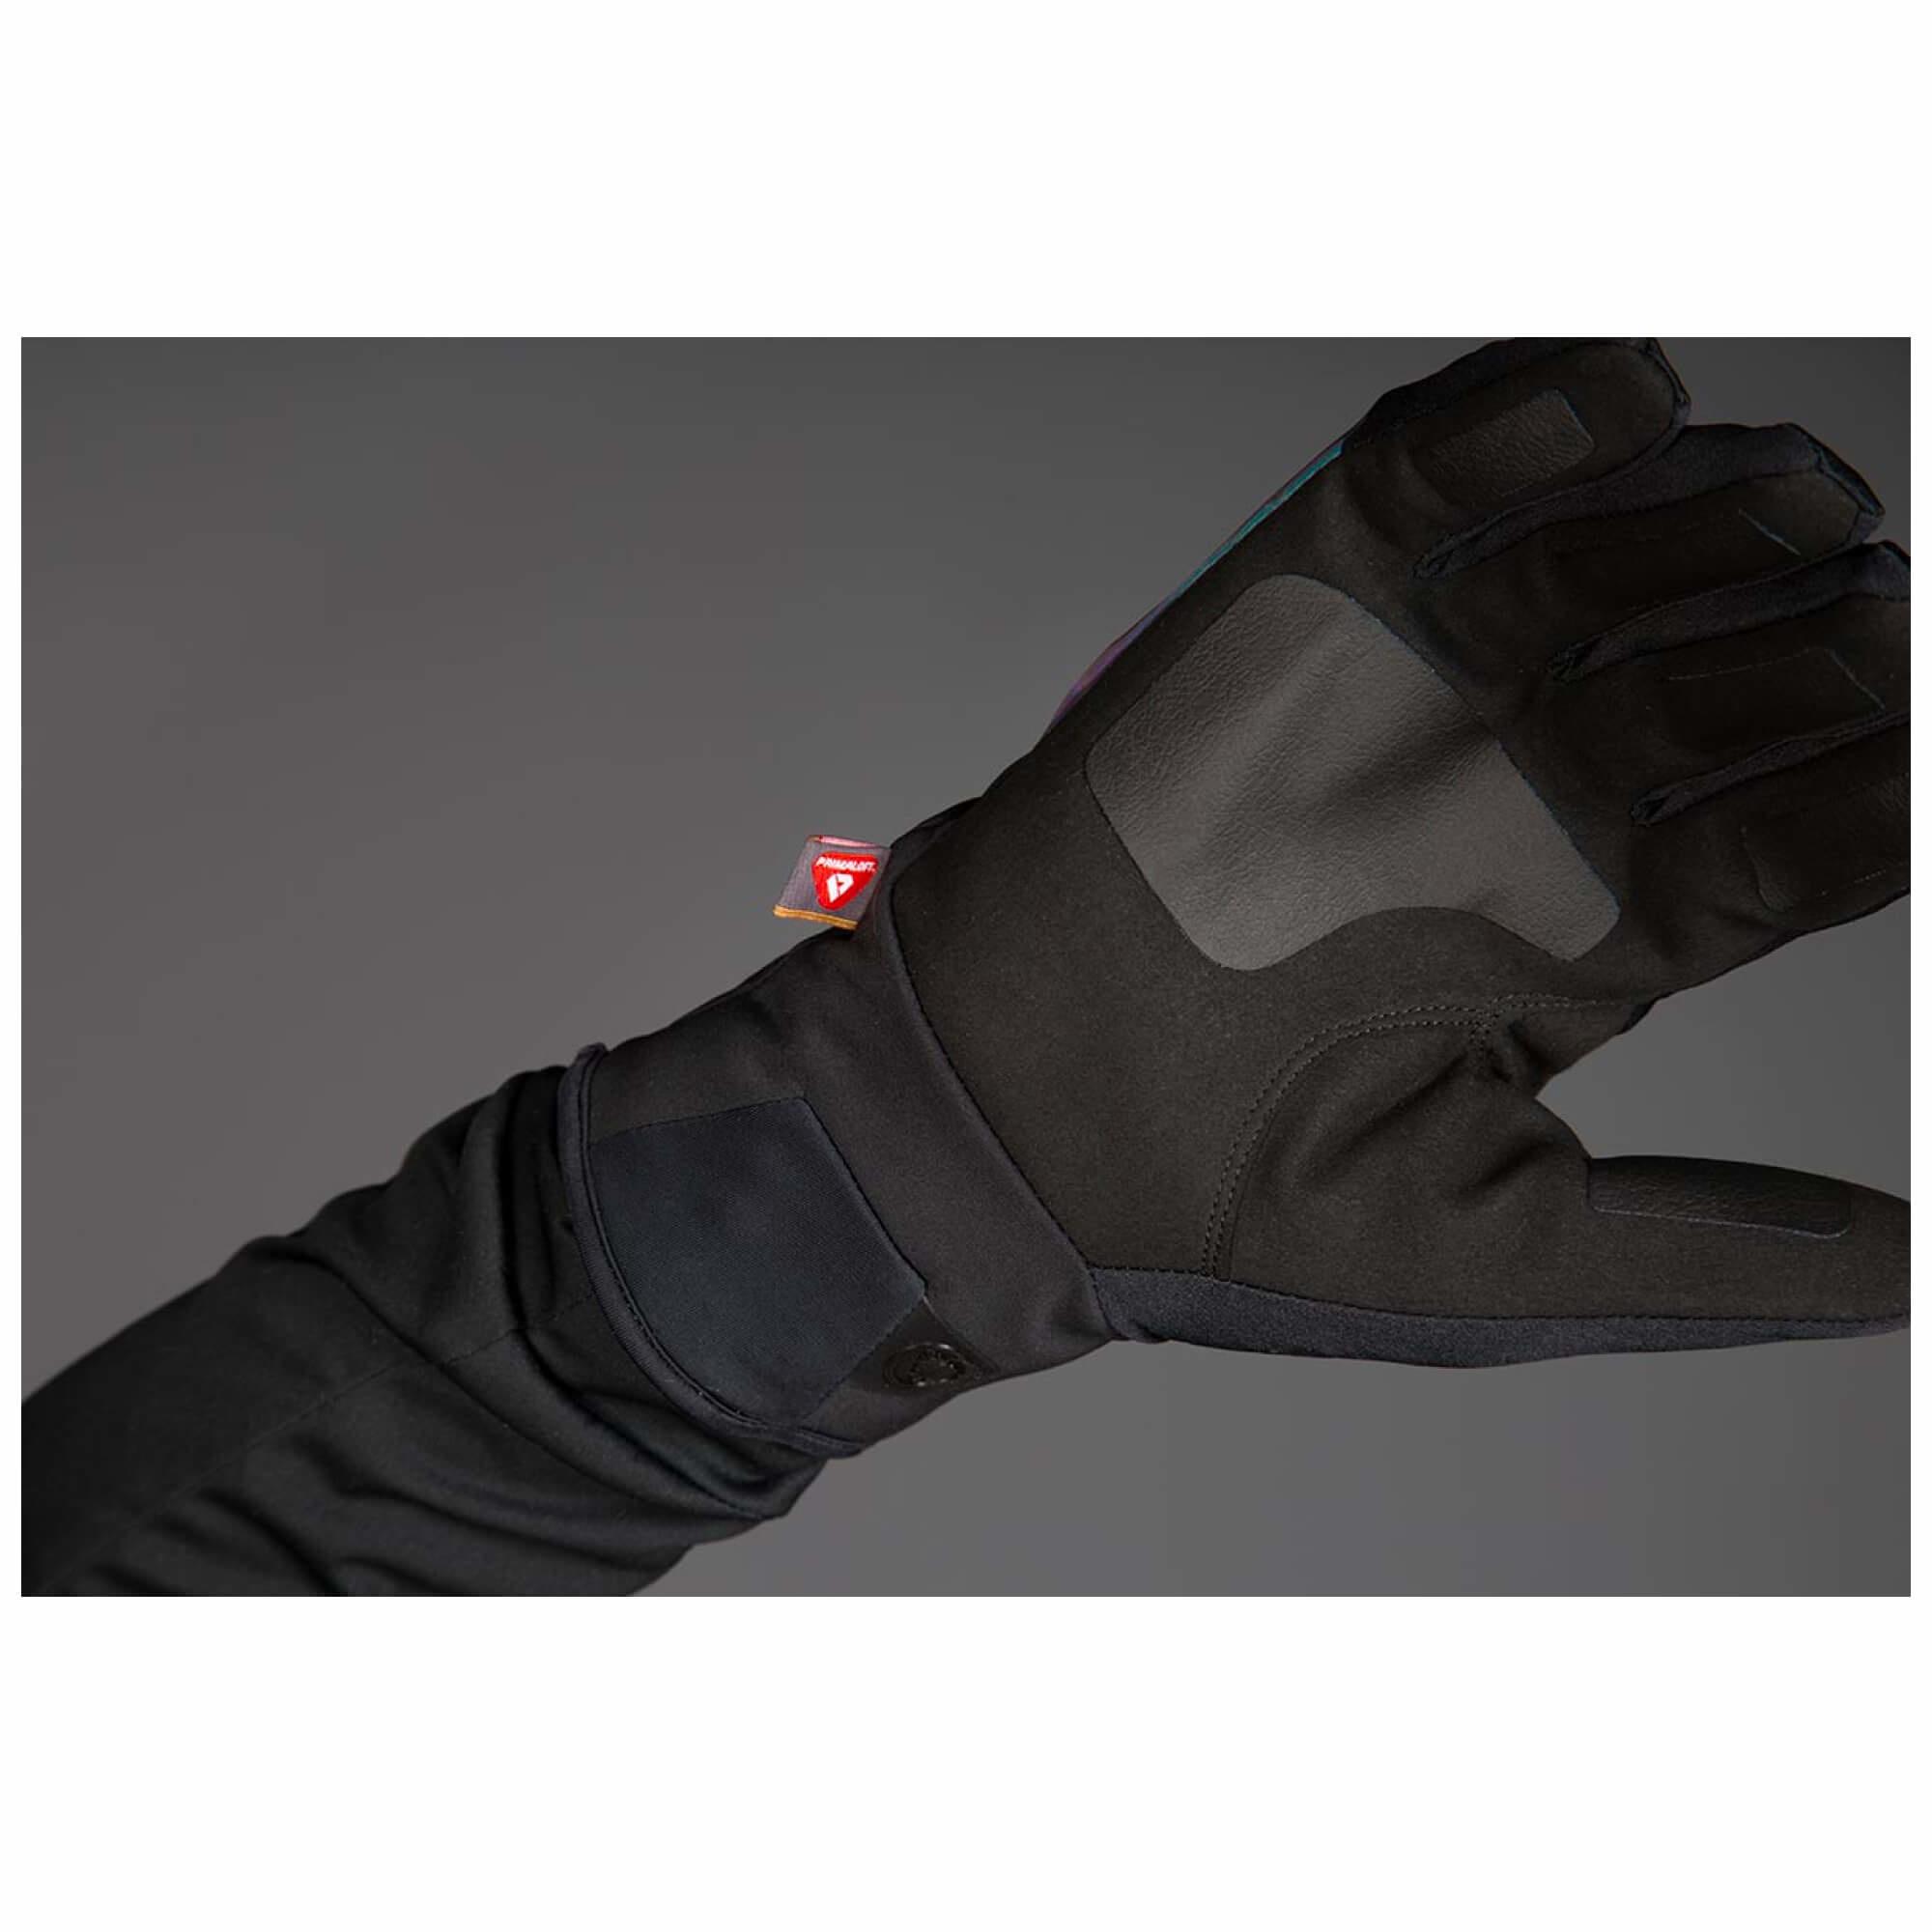 Pro SL Waterproof Glove-4